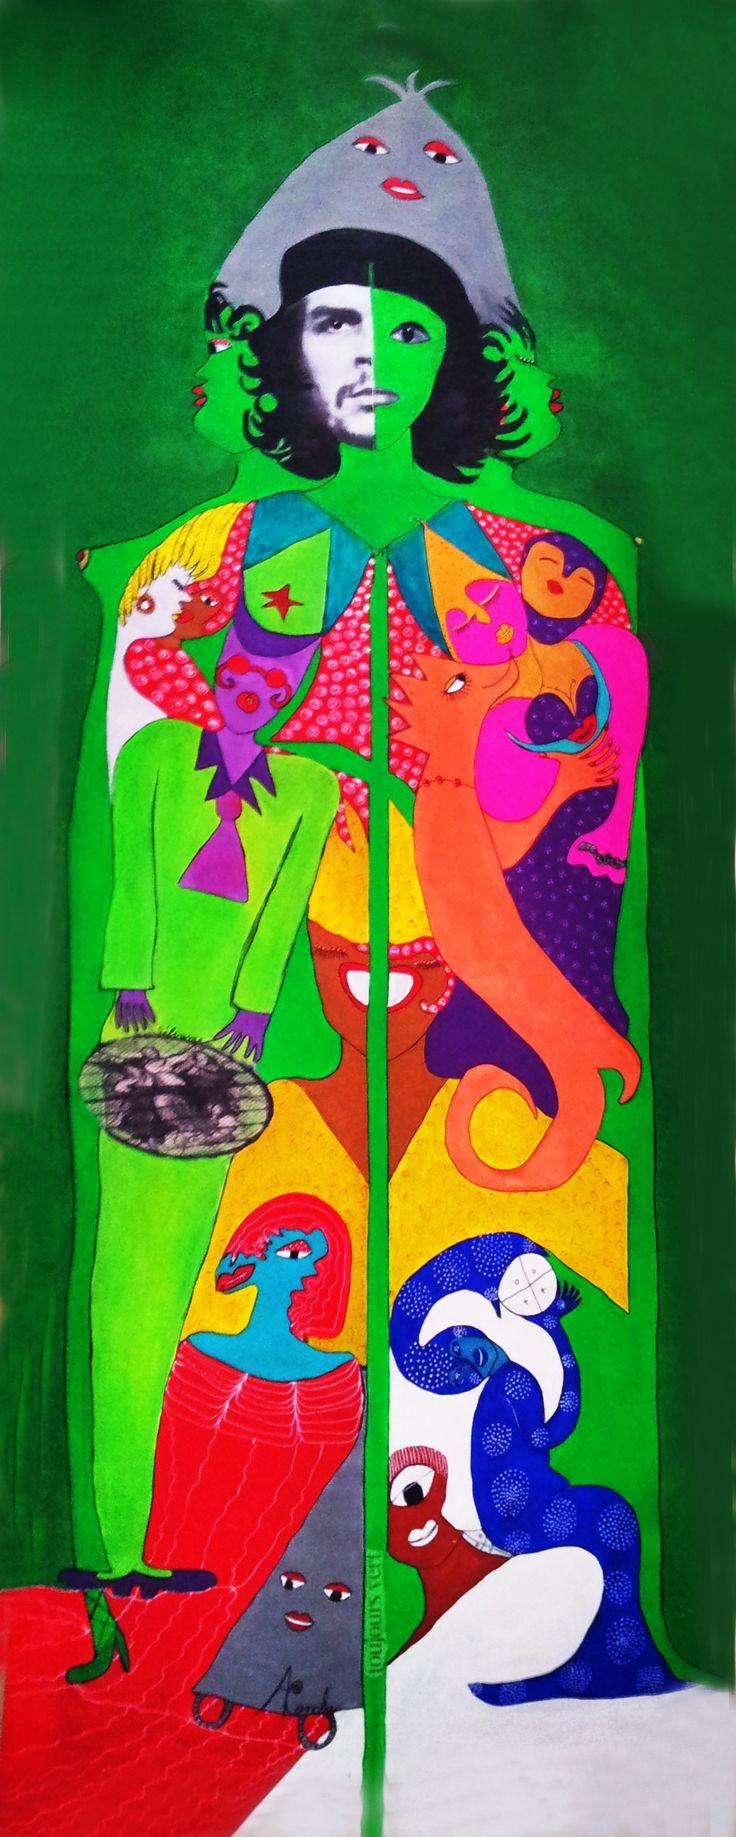 Che camino verde by Aconcha. Acrylique, technique mixte, collage sur toile.